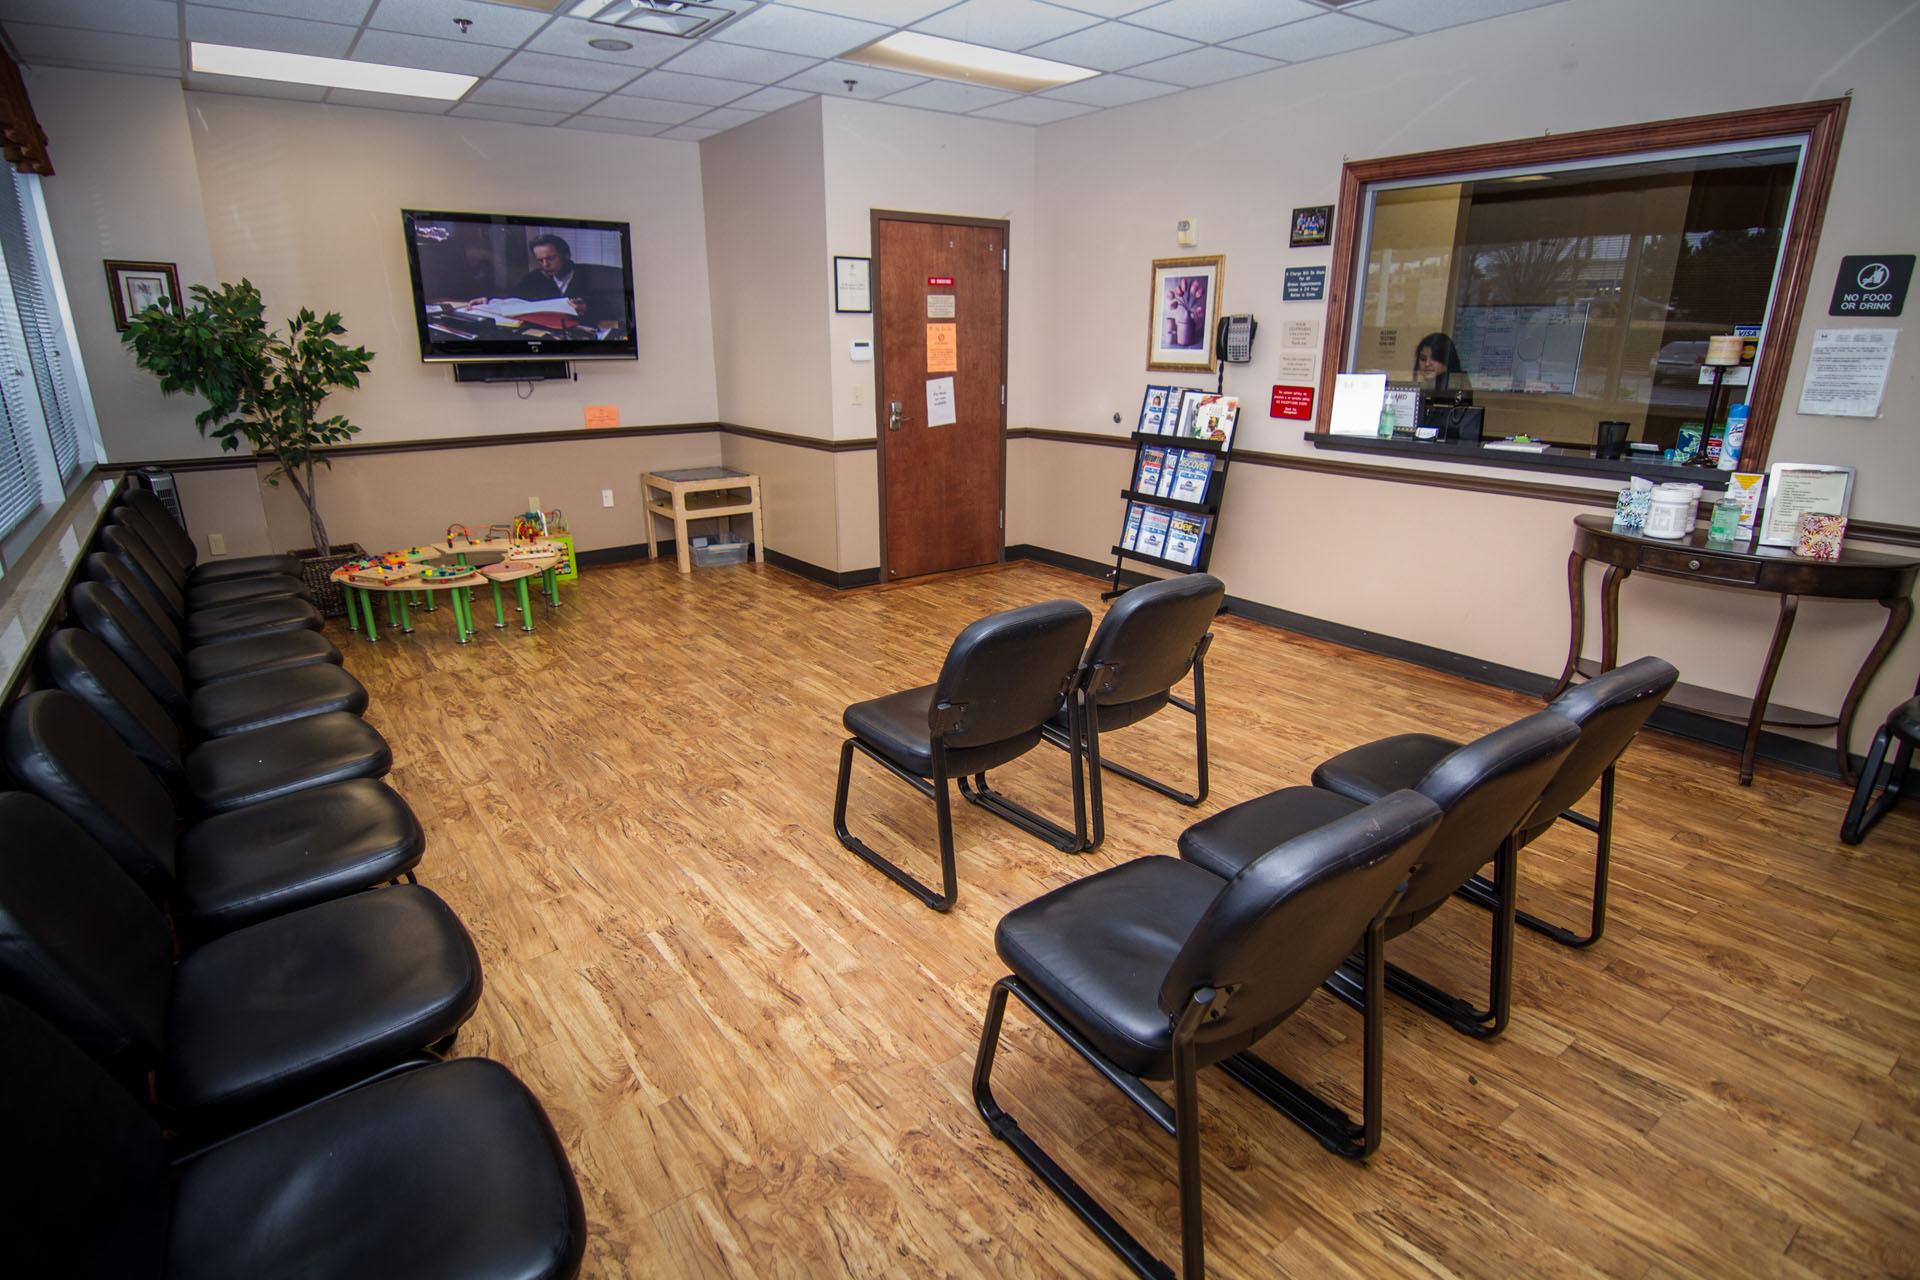 America's Family Doctors & Walk-in Clinics - Smyrna - Urgent Care Solv in Smyrna, TN